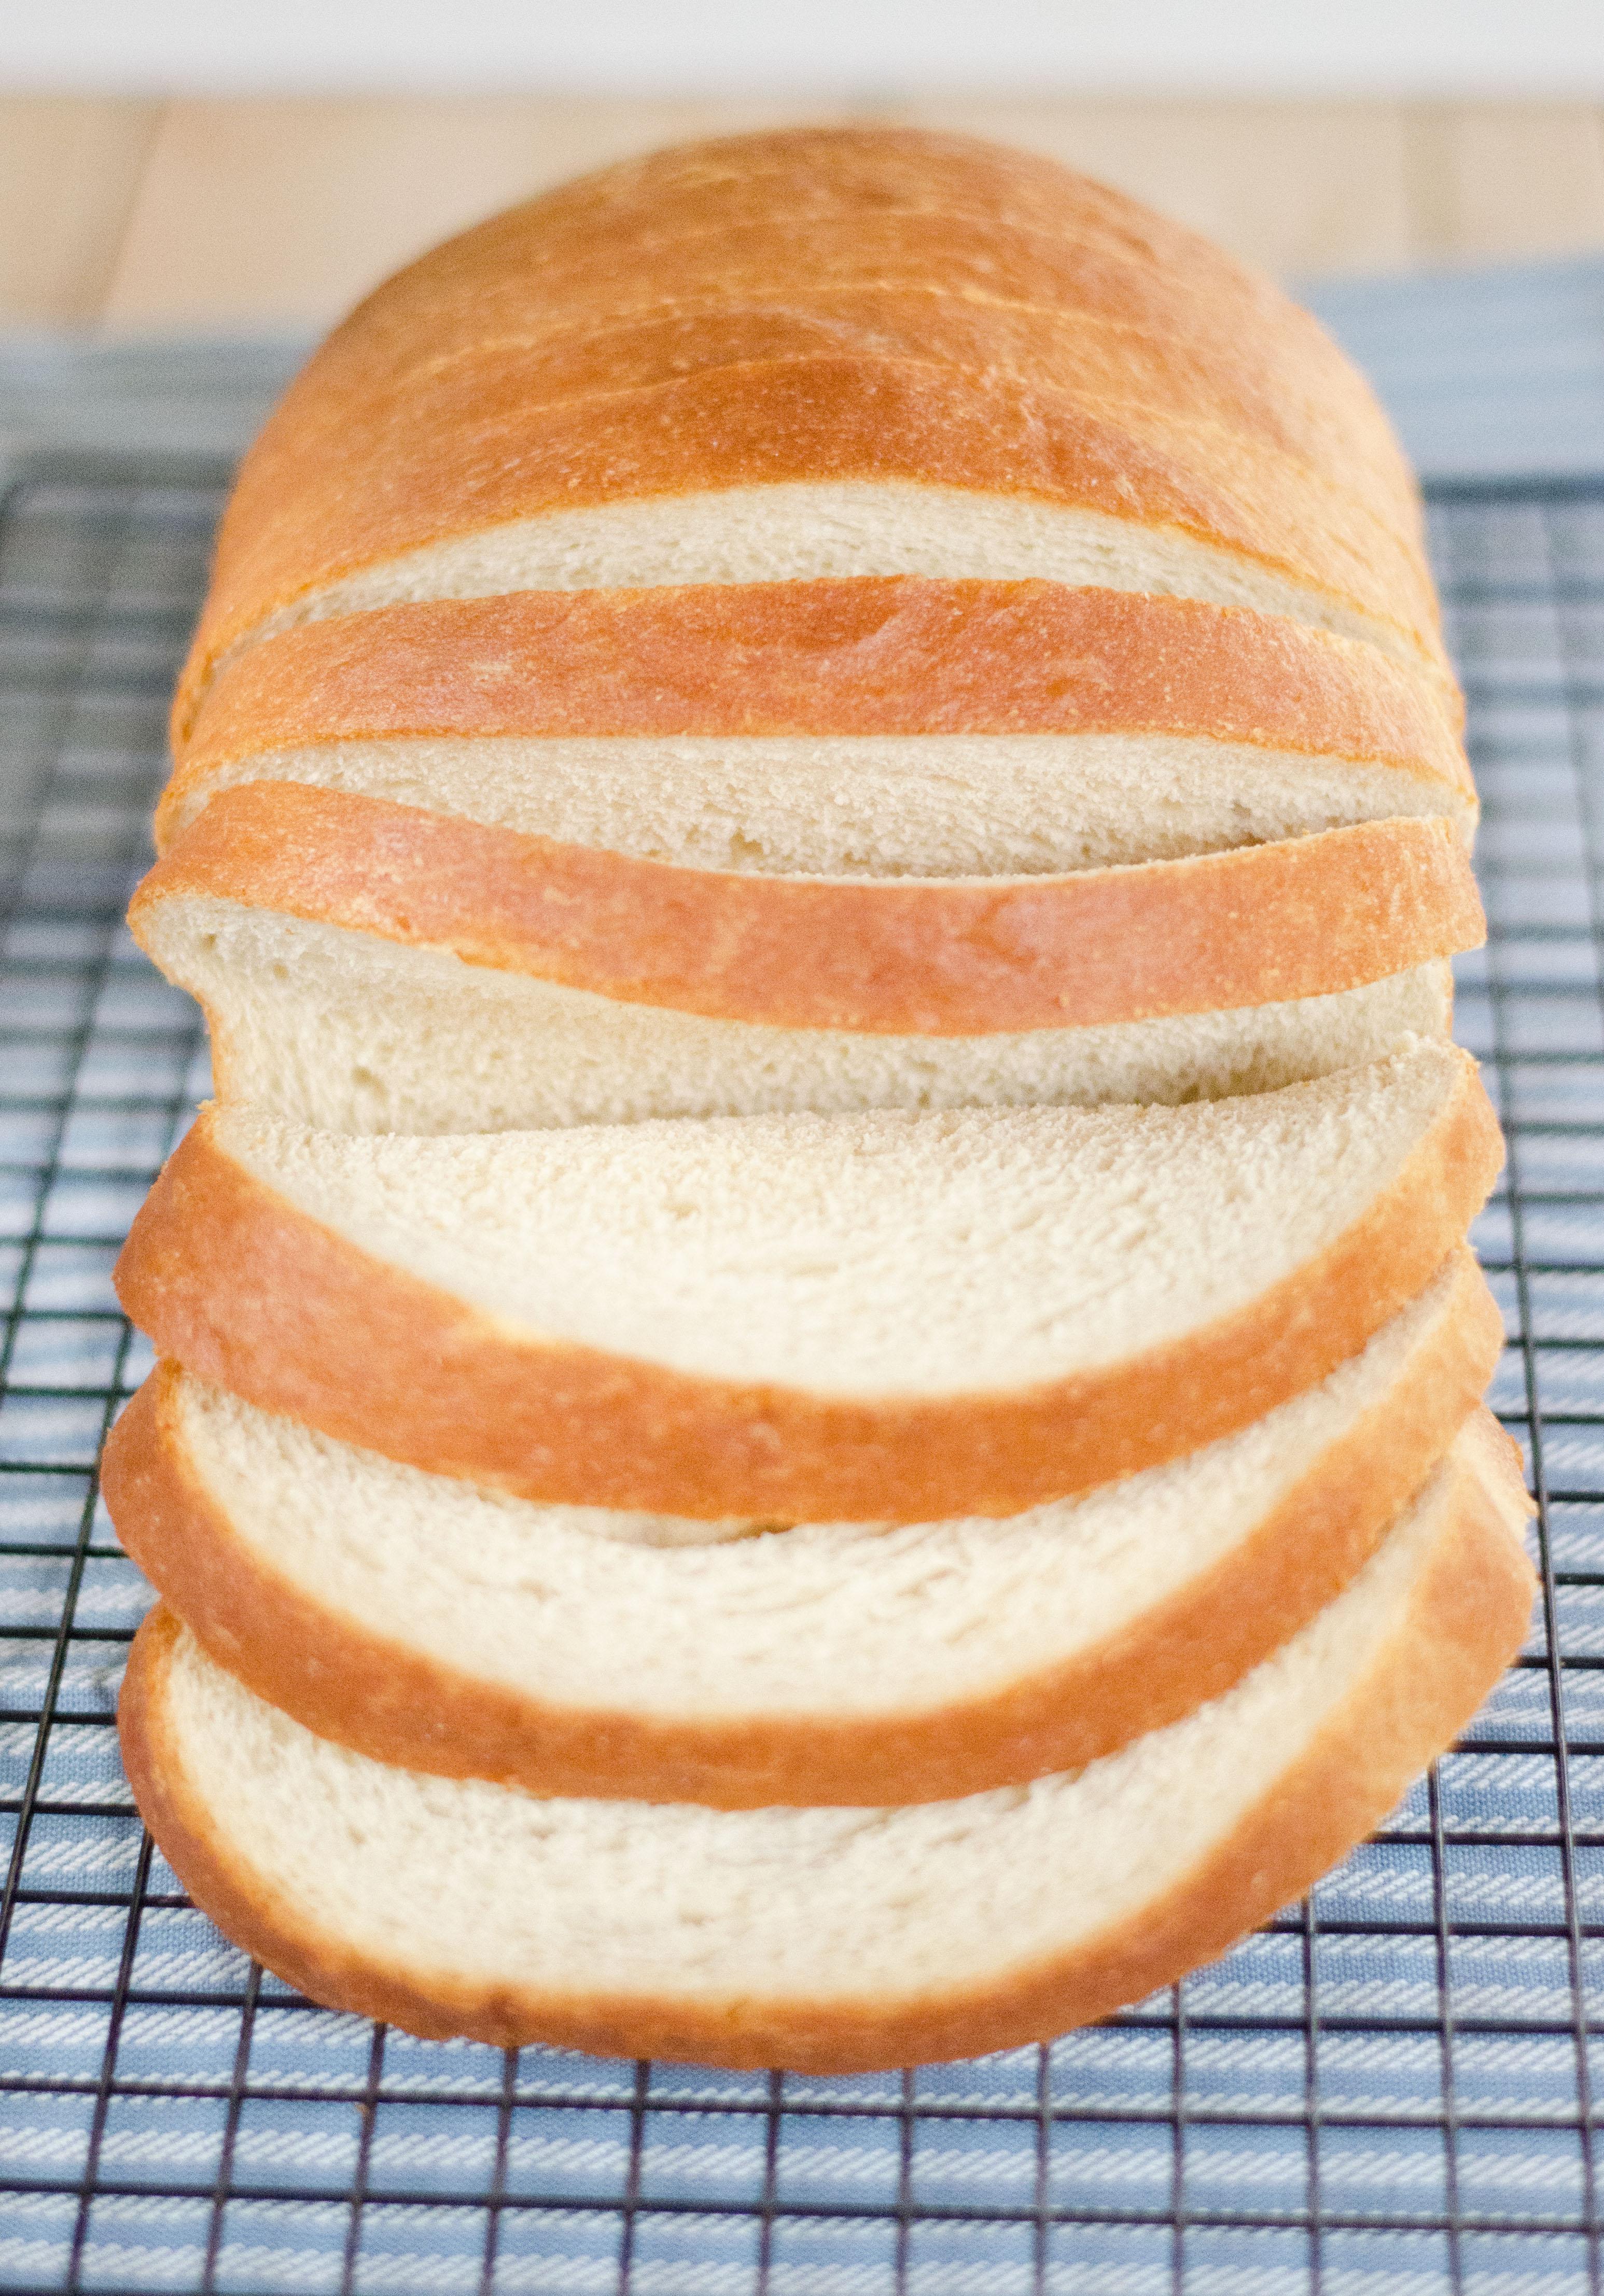 ... buttermilk sandwich bread buttermilk sandwich loaf buttermilk sandwich